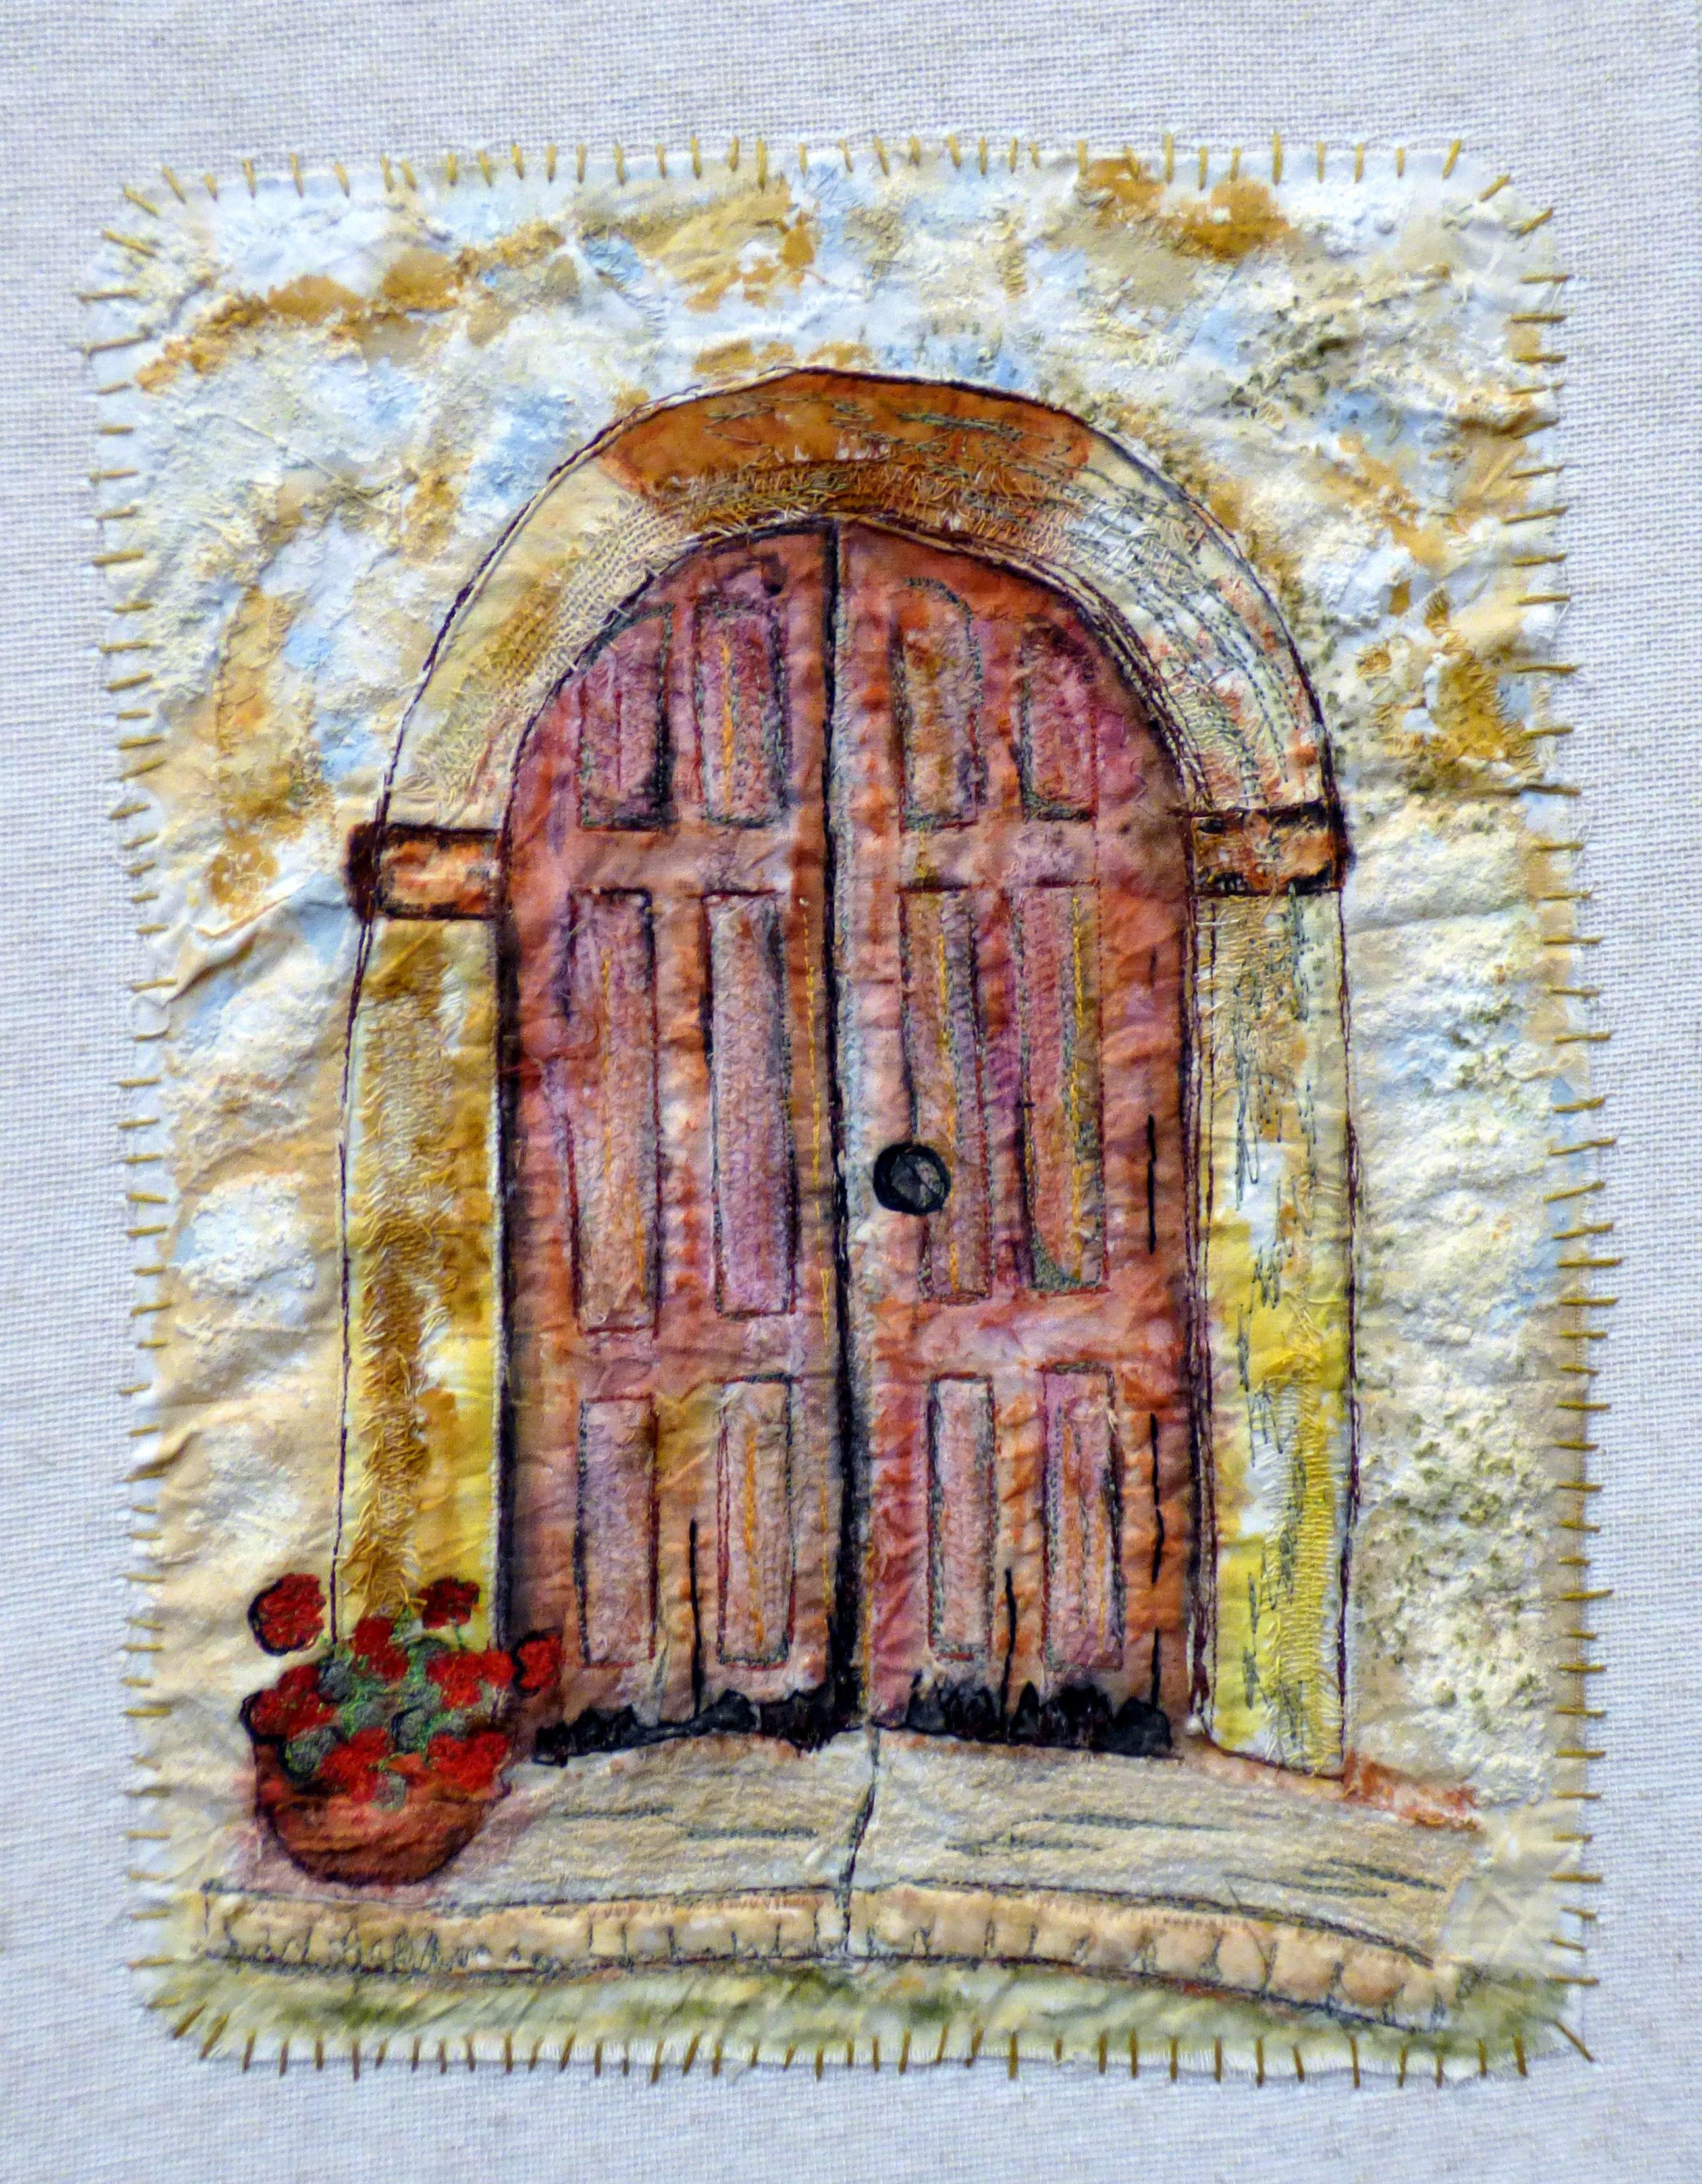 THE FORGOTTEN DOOR by Melanie Jones, machine stitch on mixed media